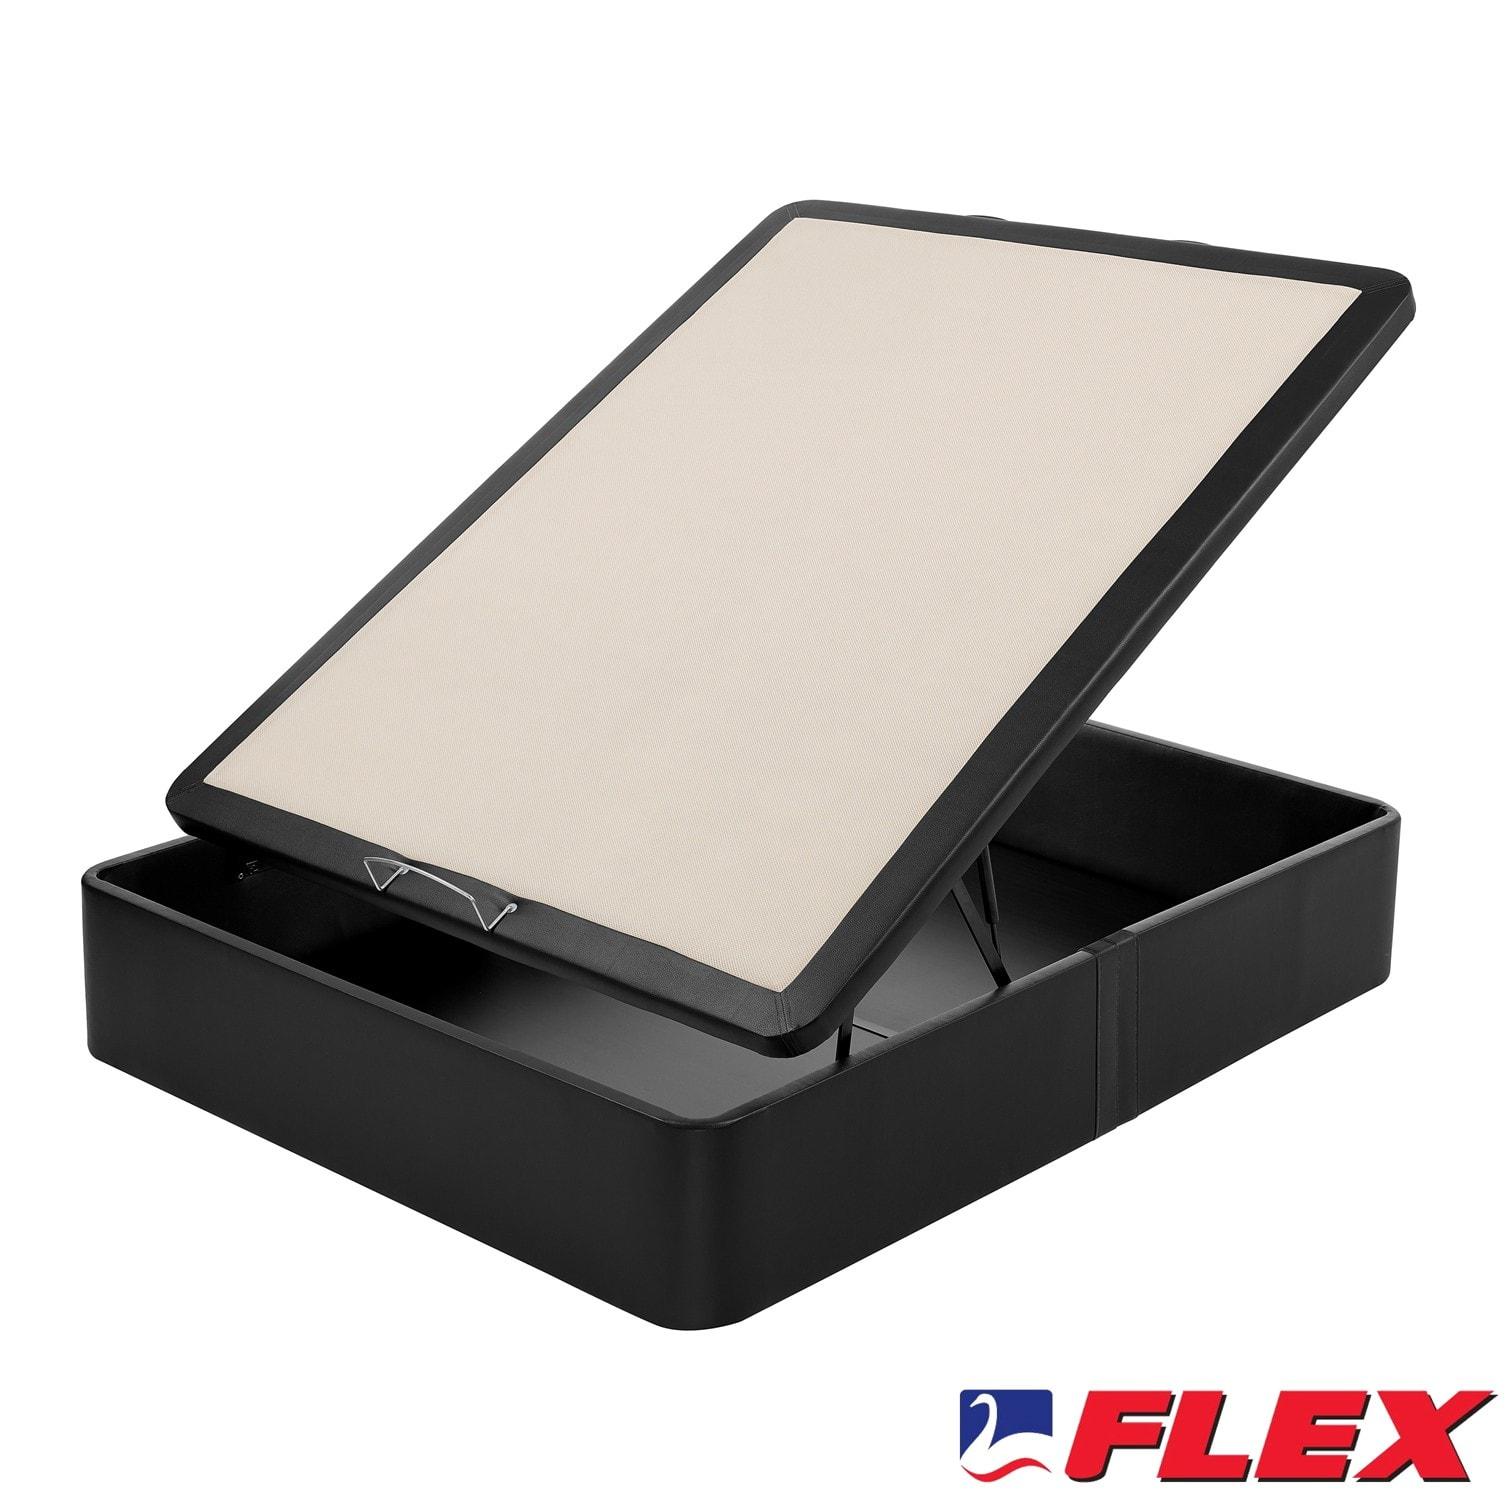 Canape flex 1 consejos del descanso y colchones for Canape colchones